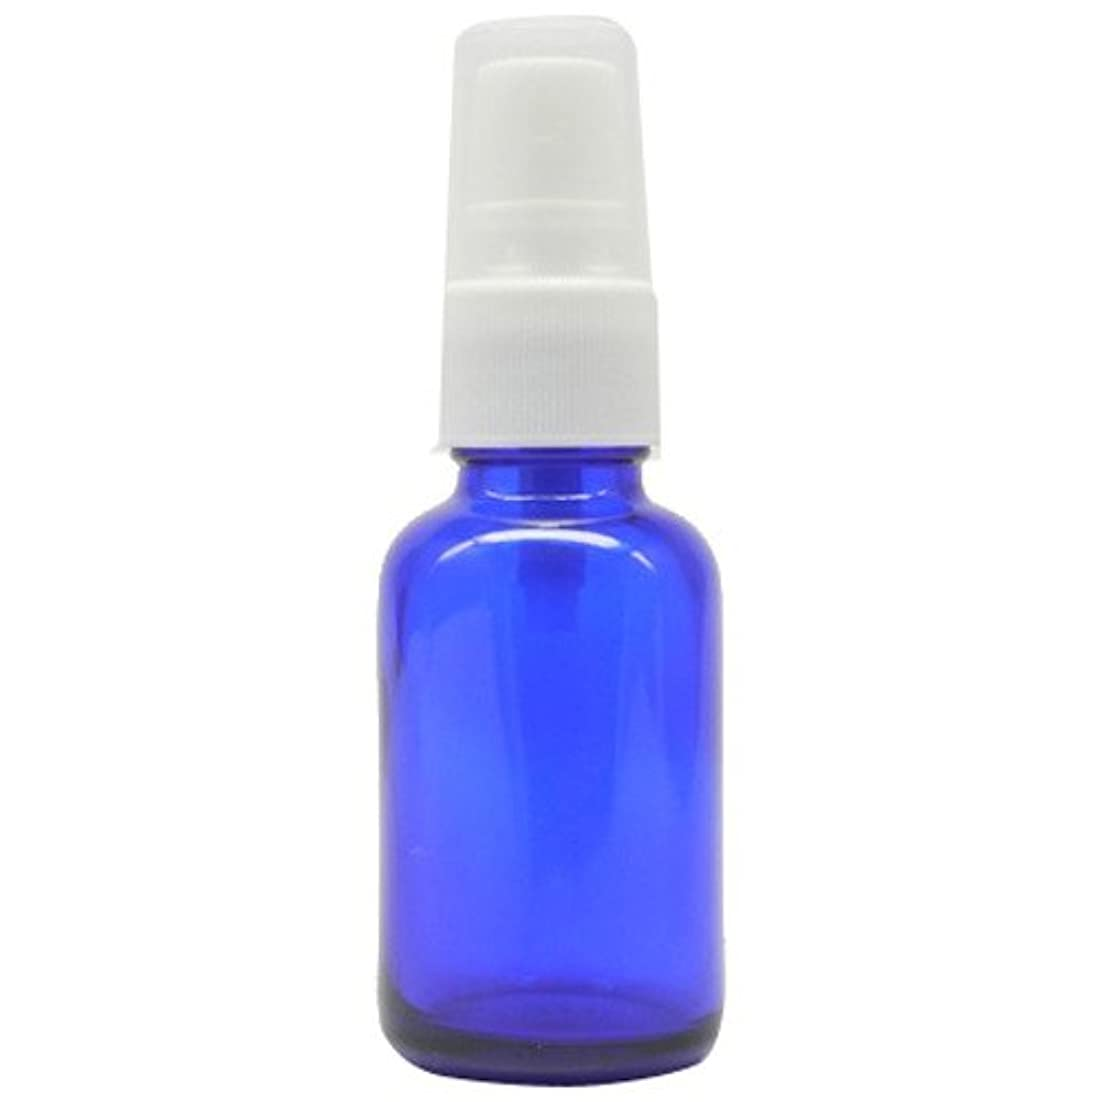 掃除委員会鋸歯状アロマアンドライフ (D)ブルースプレー瓶30ml 3本セット